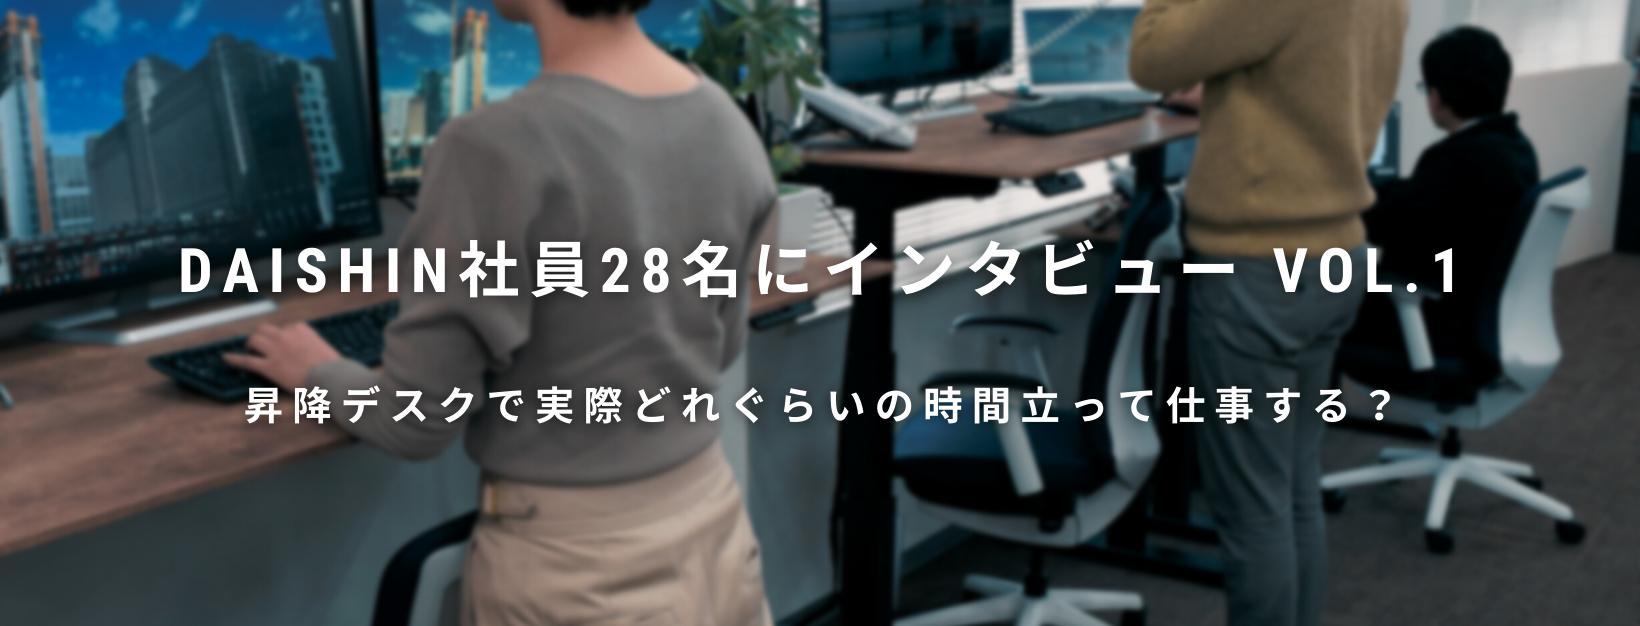 DAISHIN社員28名にインタビューvol.1! 昇降デスクで実際どれぐらいの時間立って仕事する?